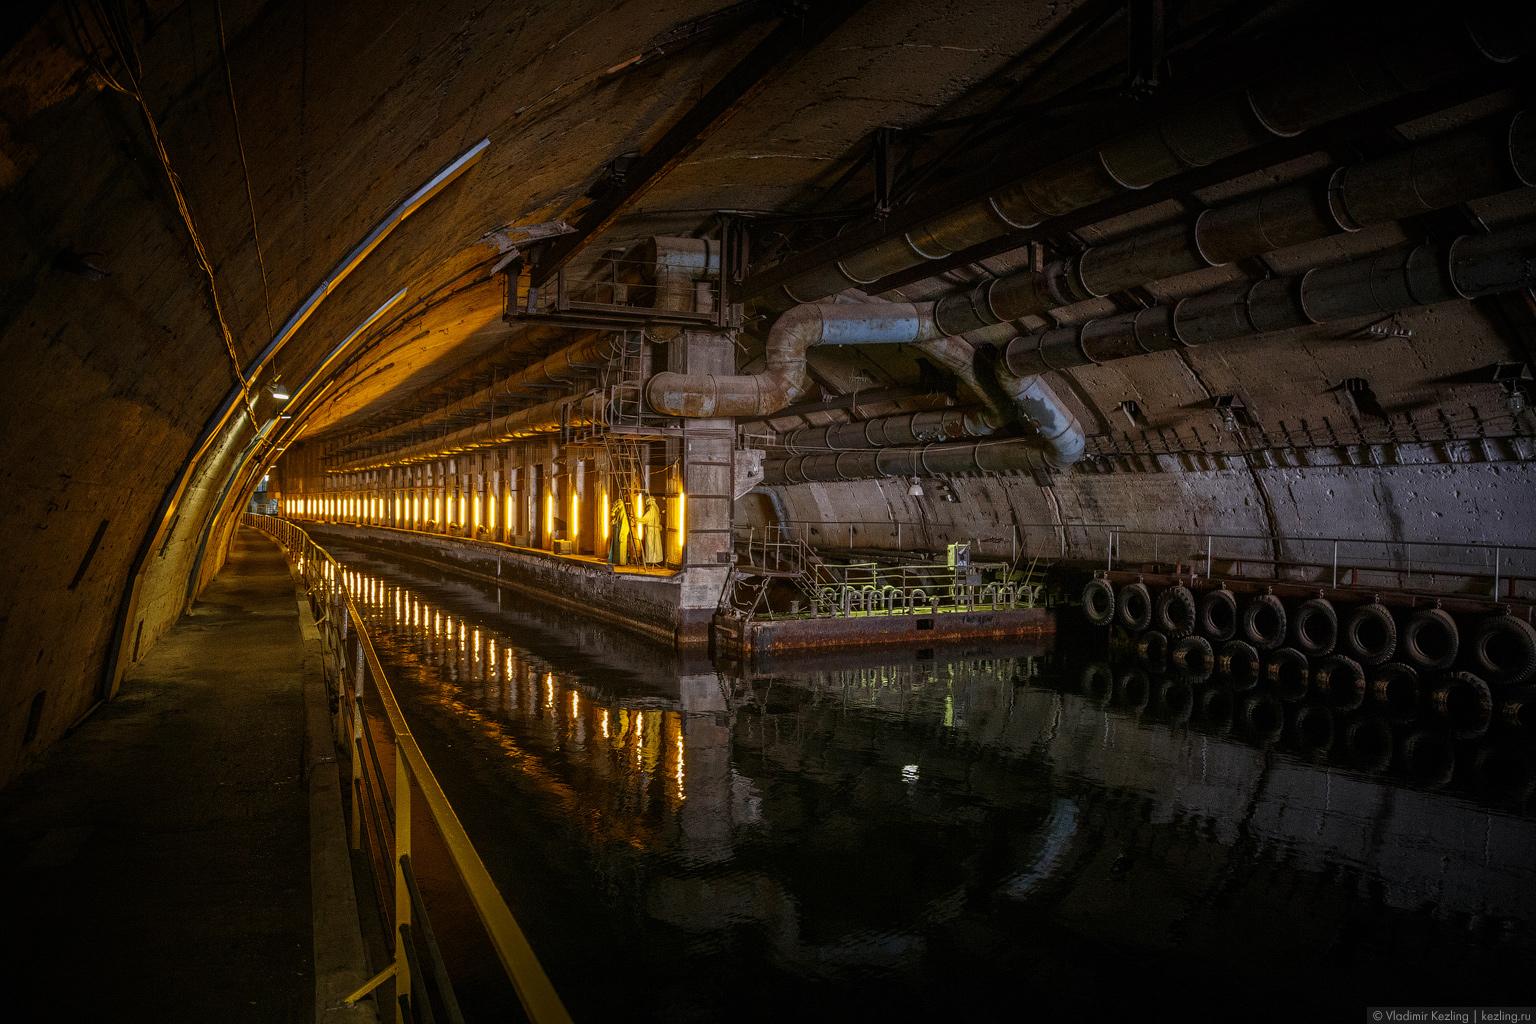 Крым переходного периода. Объекты 825 ГТС и 820 РТБ или Сверхсекретная подземная база подводных лодок в Балаклаве